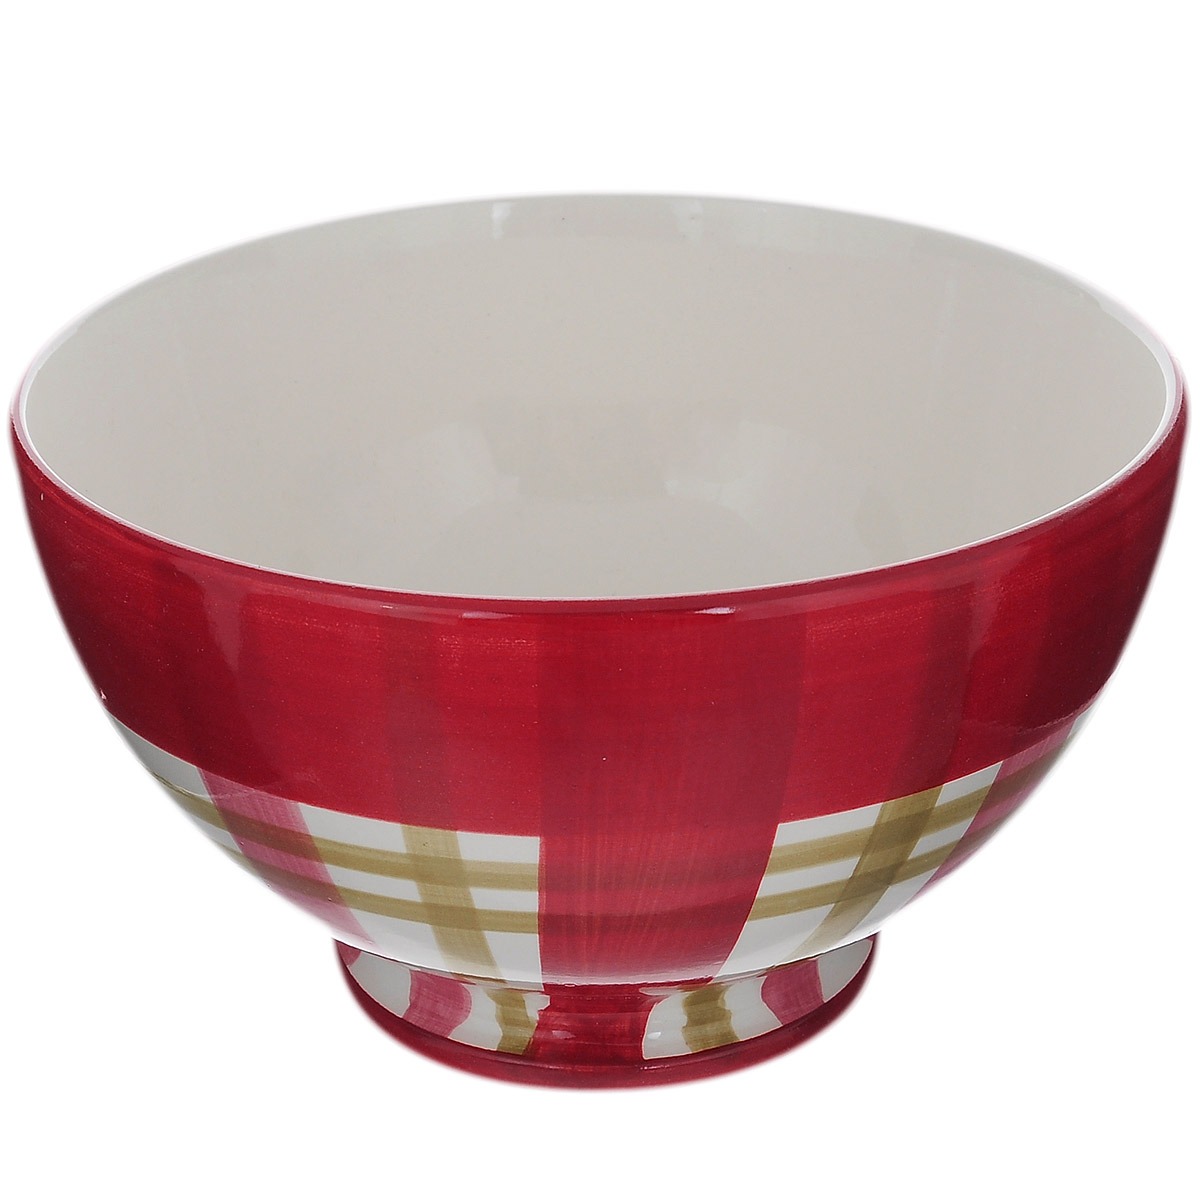 Салатник Polnaya Chasha Вишня, диаметр 18 см115510Салатник Polnaya Chasha Вишня изготовлен из высококачественной глазурованной керамики и оформлен рисунком в клетку. Такой салатник прекрасно подойдет для подачи салатов и закусок. Он ярко украсит ваш стол и станет практичным аксессуаром на вашей кухне. Коллекция Вишня - это очень модный и современный дизайн для использования каждый день на вашем столе. Каждый предмет данной коллекции эксклюзивно раскрашен вручную с помощью ярких устойчивых красок. Подходит для использования в микроволновых печах, а также для мытья в посудомоечных машинах. Диаметр: 18 см. Высота стенки: 10,5 см.